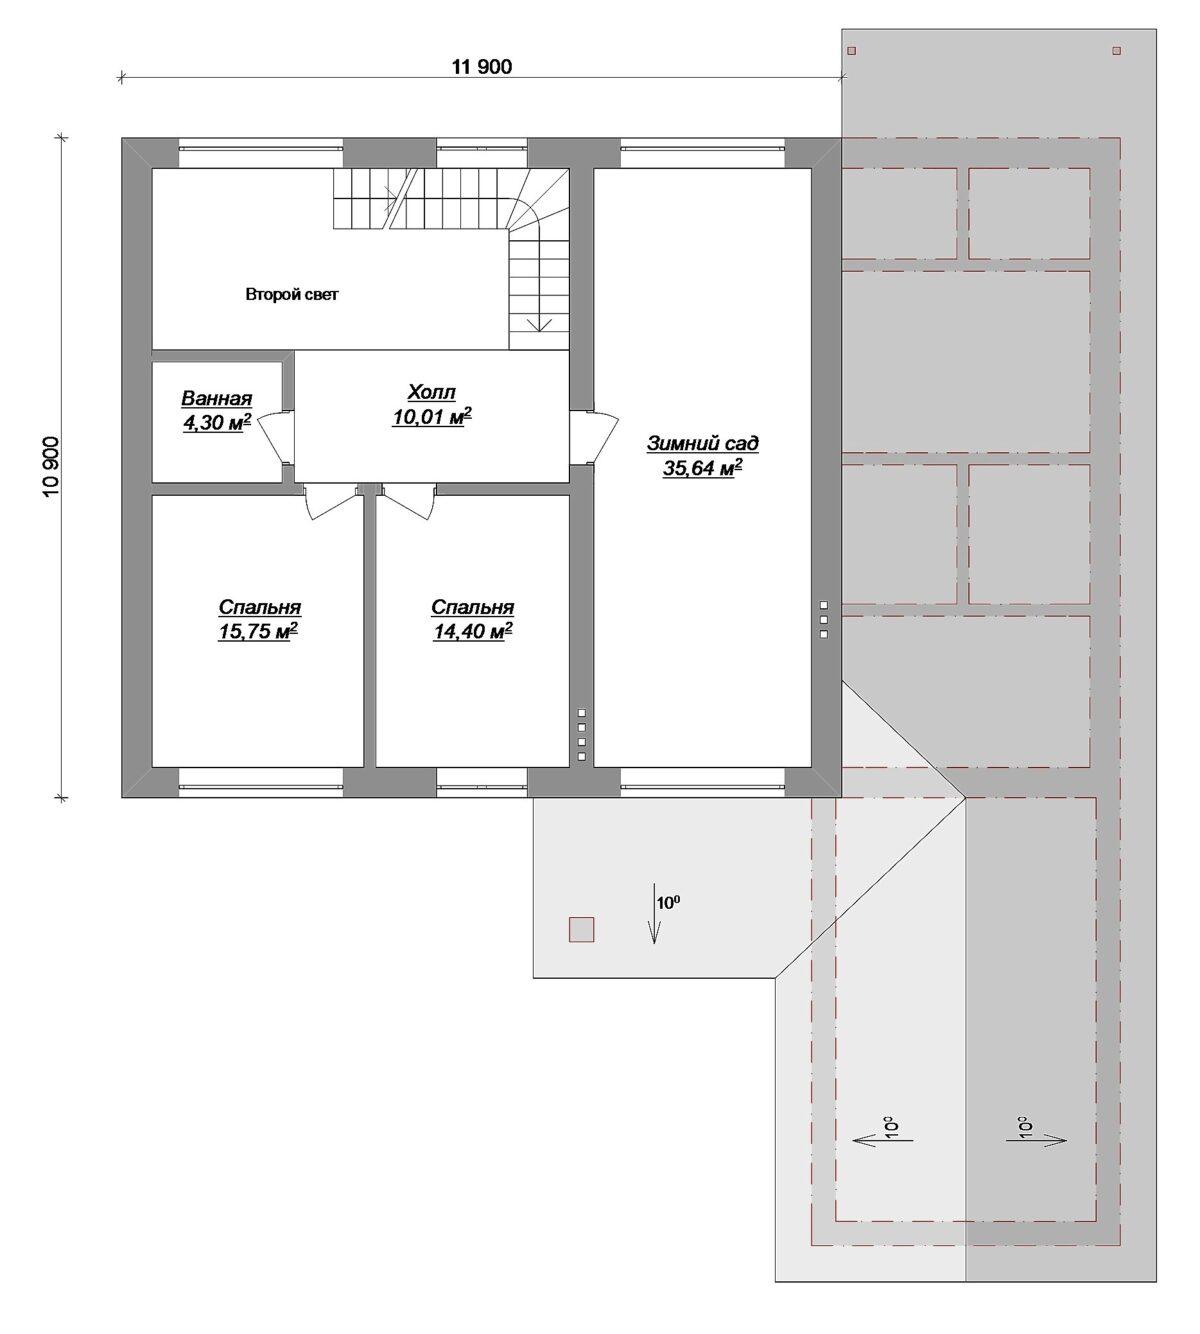 Зеница ока D-117. Проект коттеджа с мансардой, гаражом, зимним садом и вторым светом